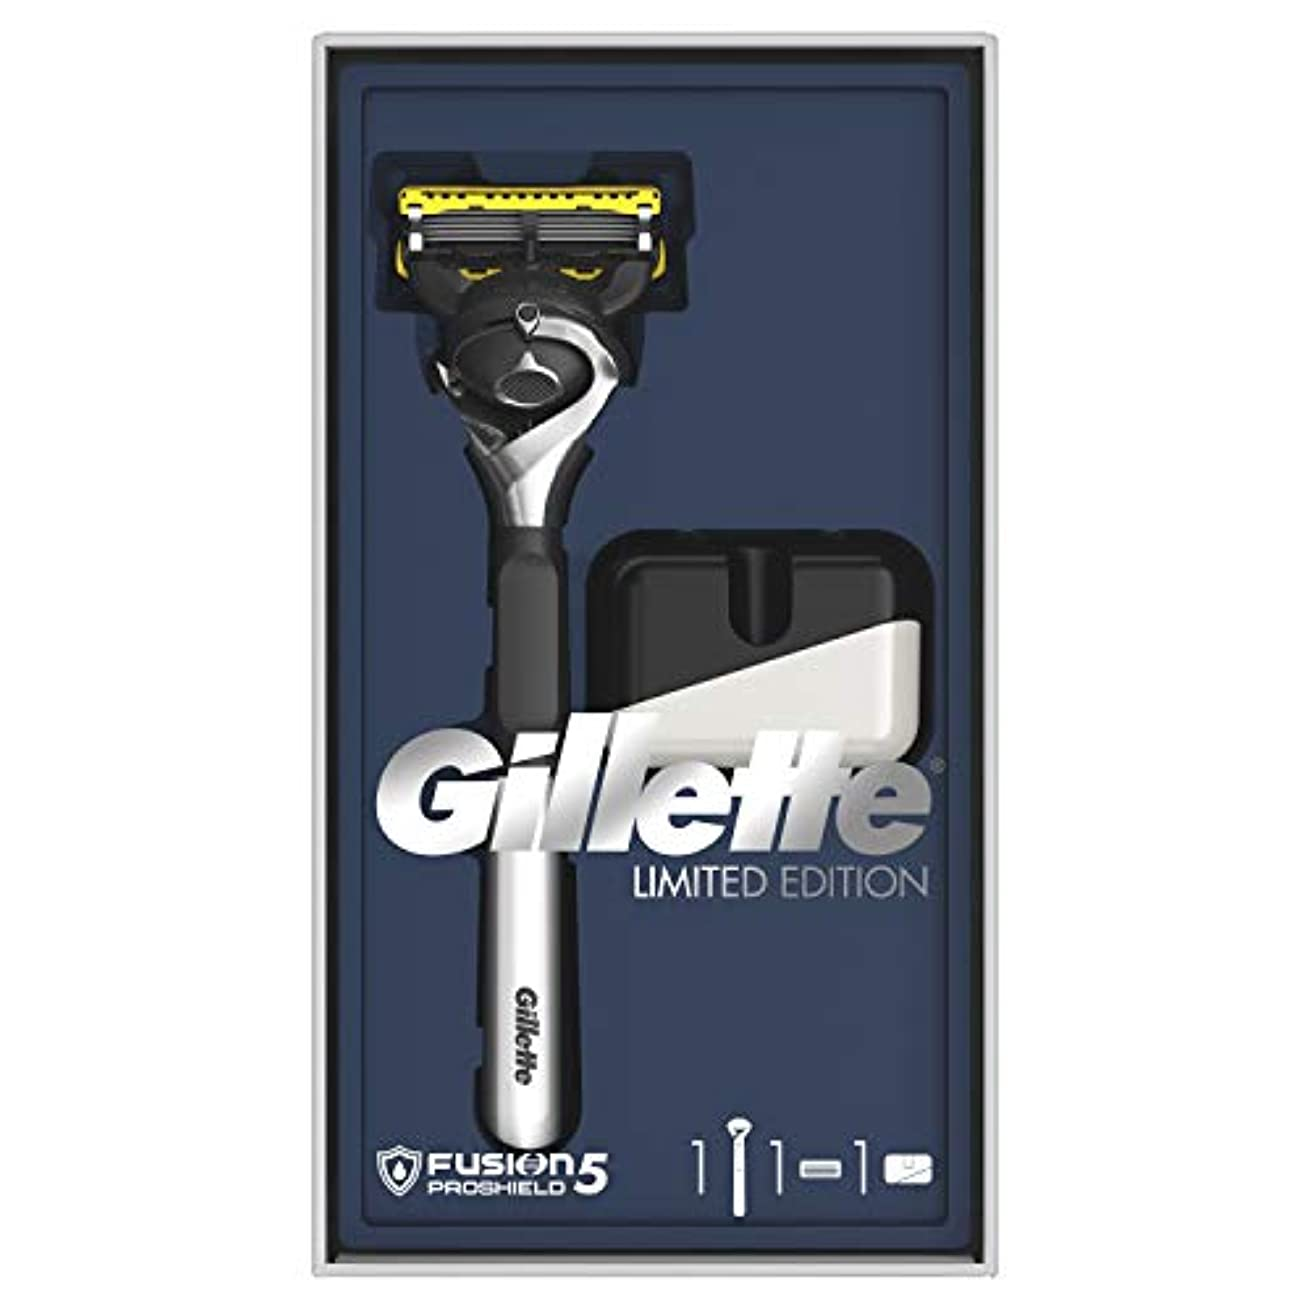 スペシャリスト懐疎外するジレット プロシールド 髭剃り本体+替刃1個 オリジナルスタンド付 スペシャルパッケージ